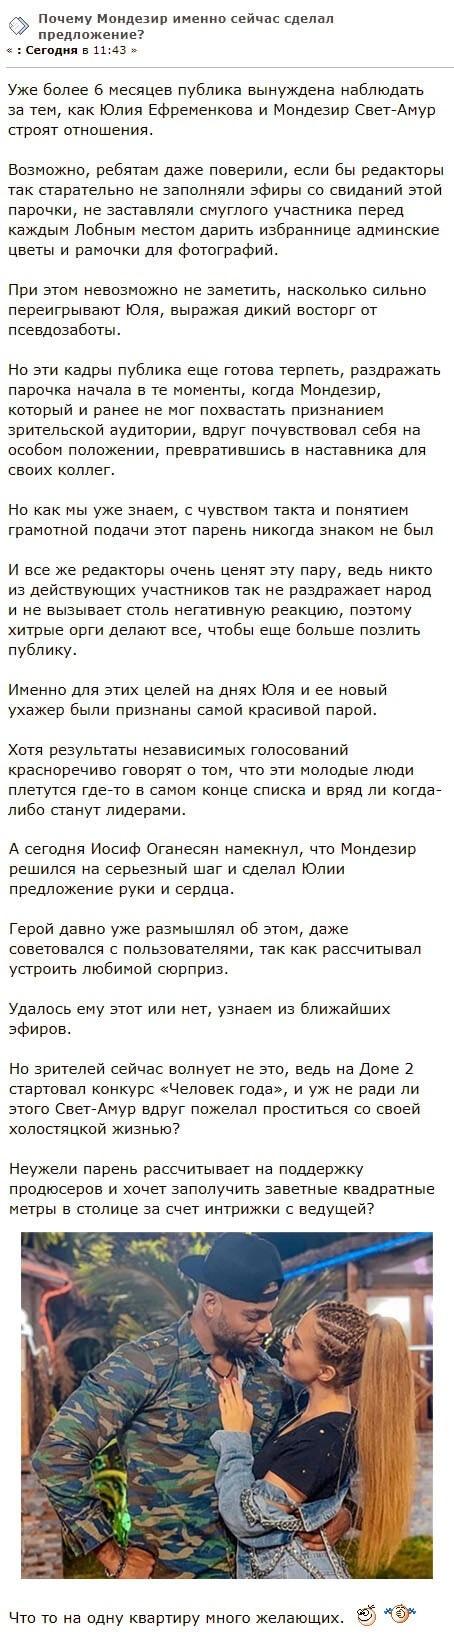 Юлия Ефременкова нашла способ прибрать к рукам квартиру в Москве